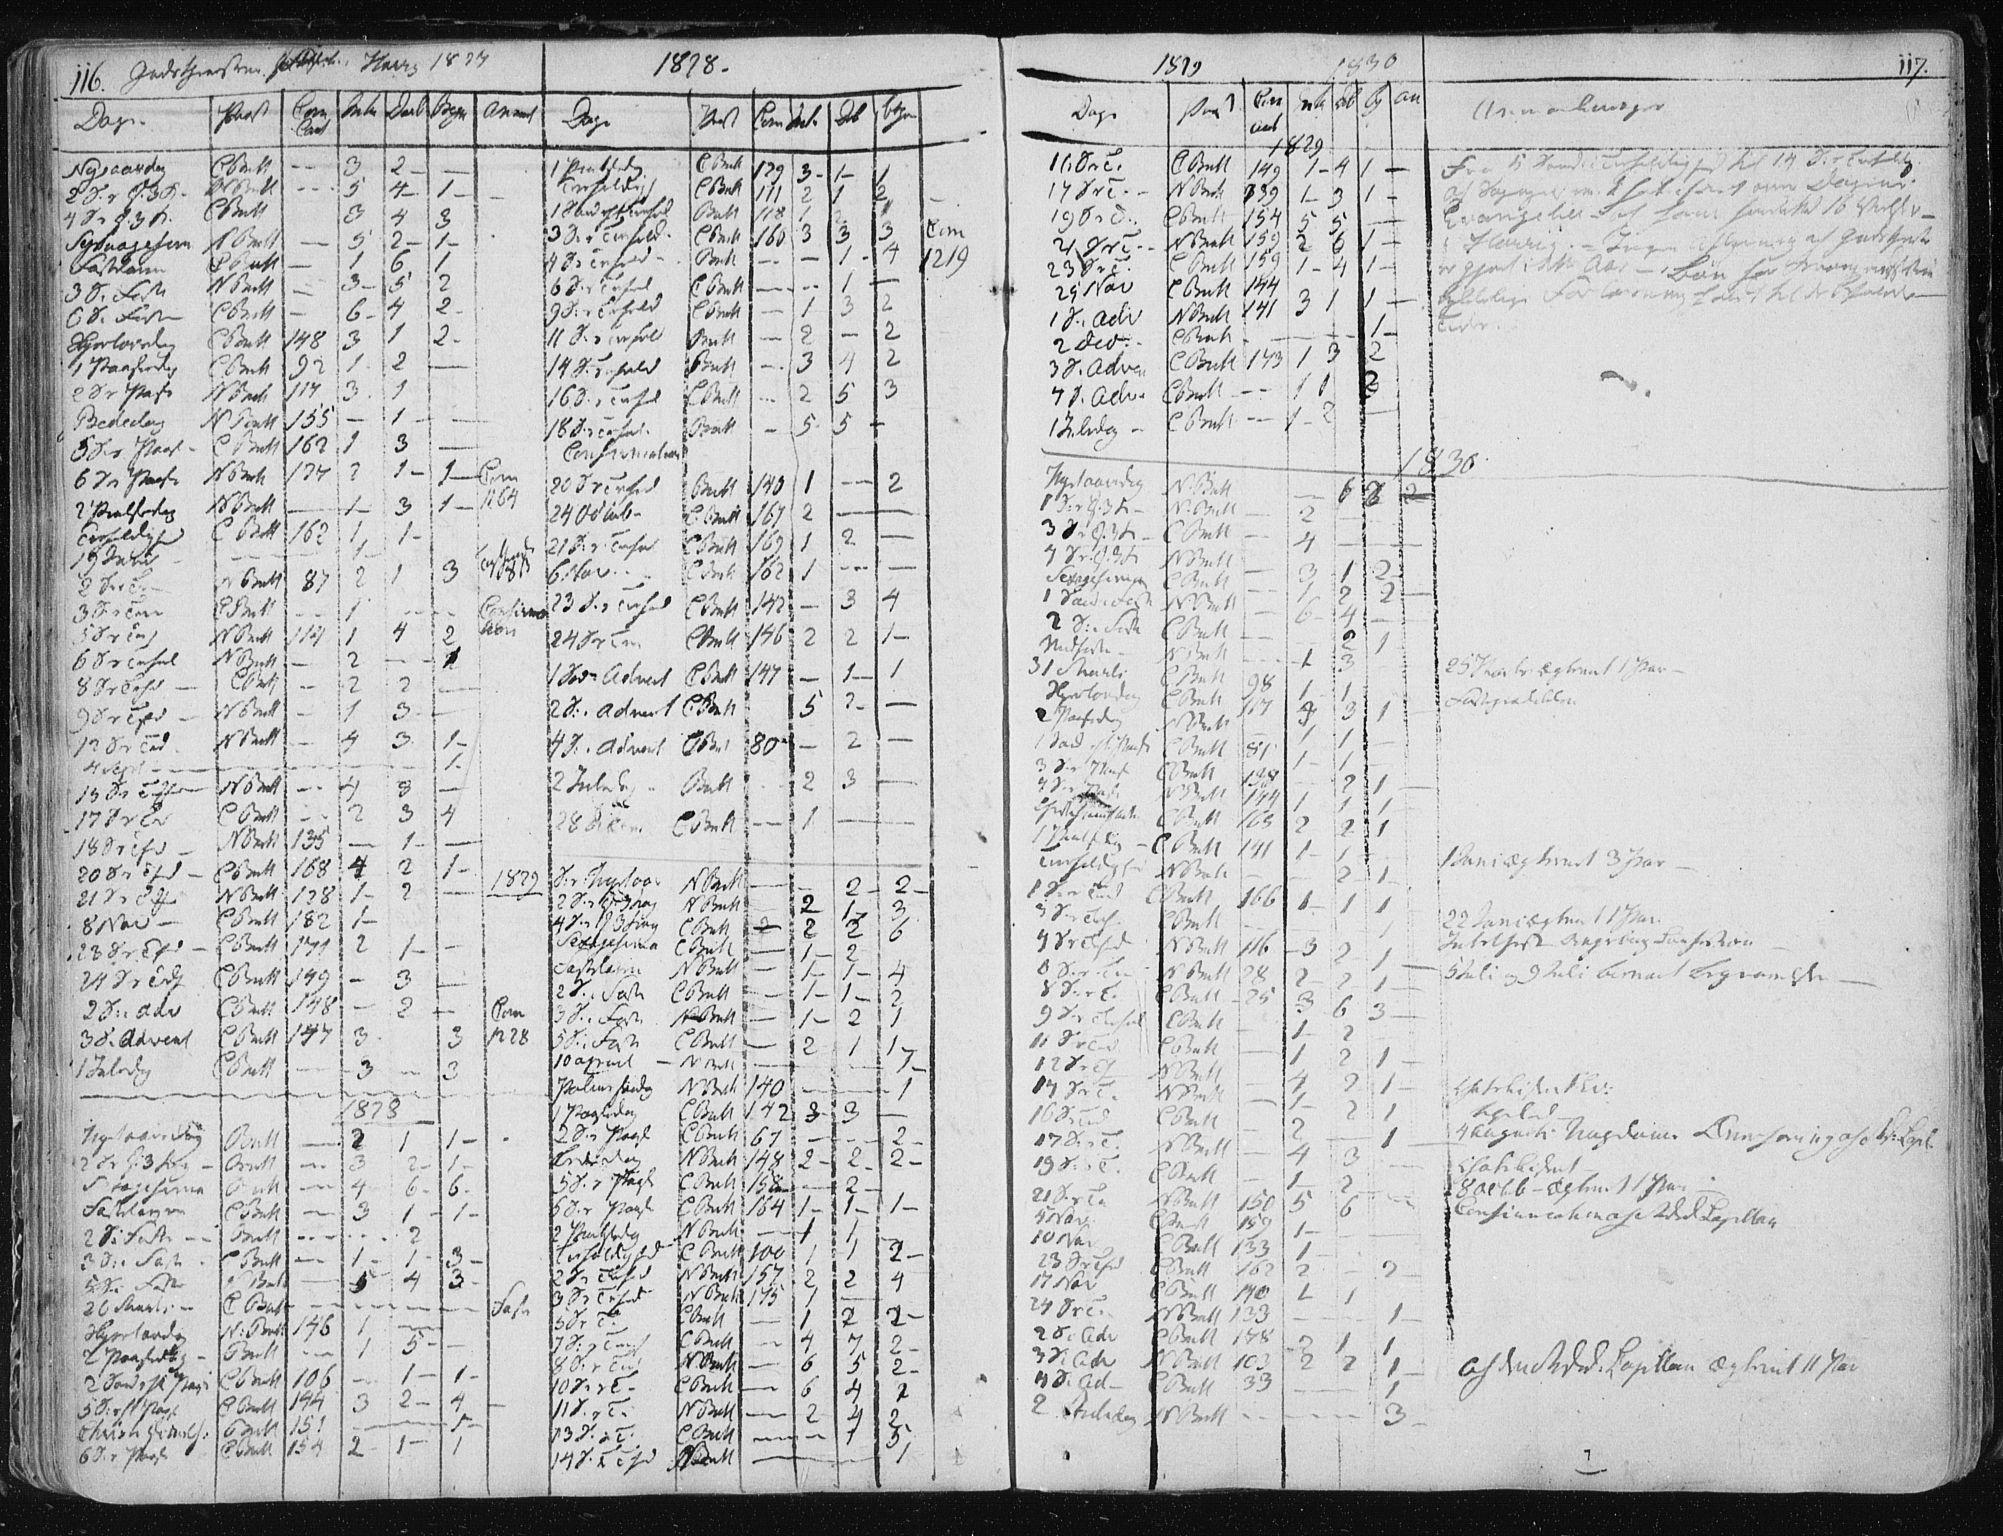 SAT, Ministerialprotokoller, klokkerbøker og fødselsregistre - Sør-Trøndelag, 687/L0993: Ministerialbok nr. 687A03 /2, 1788-1815, s. 116-117